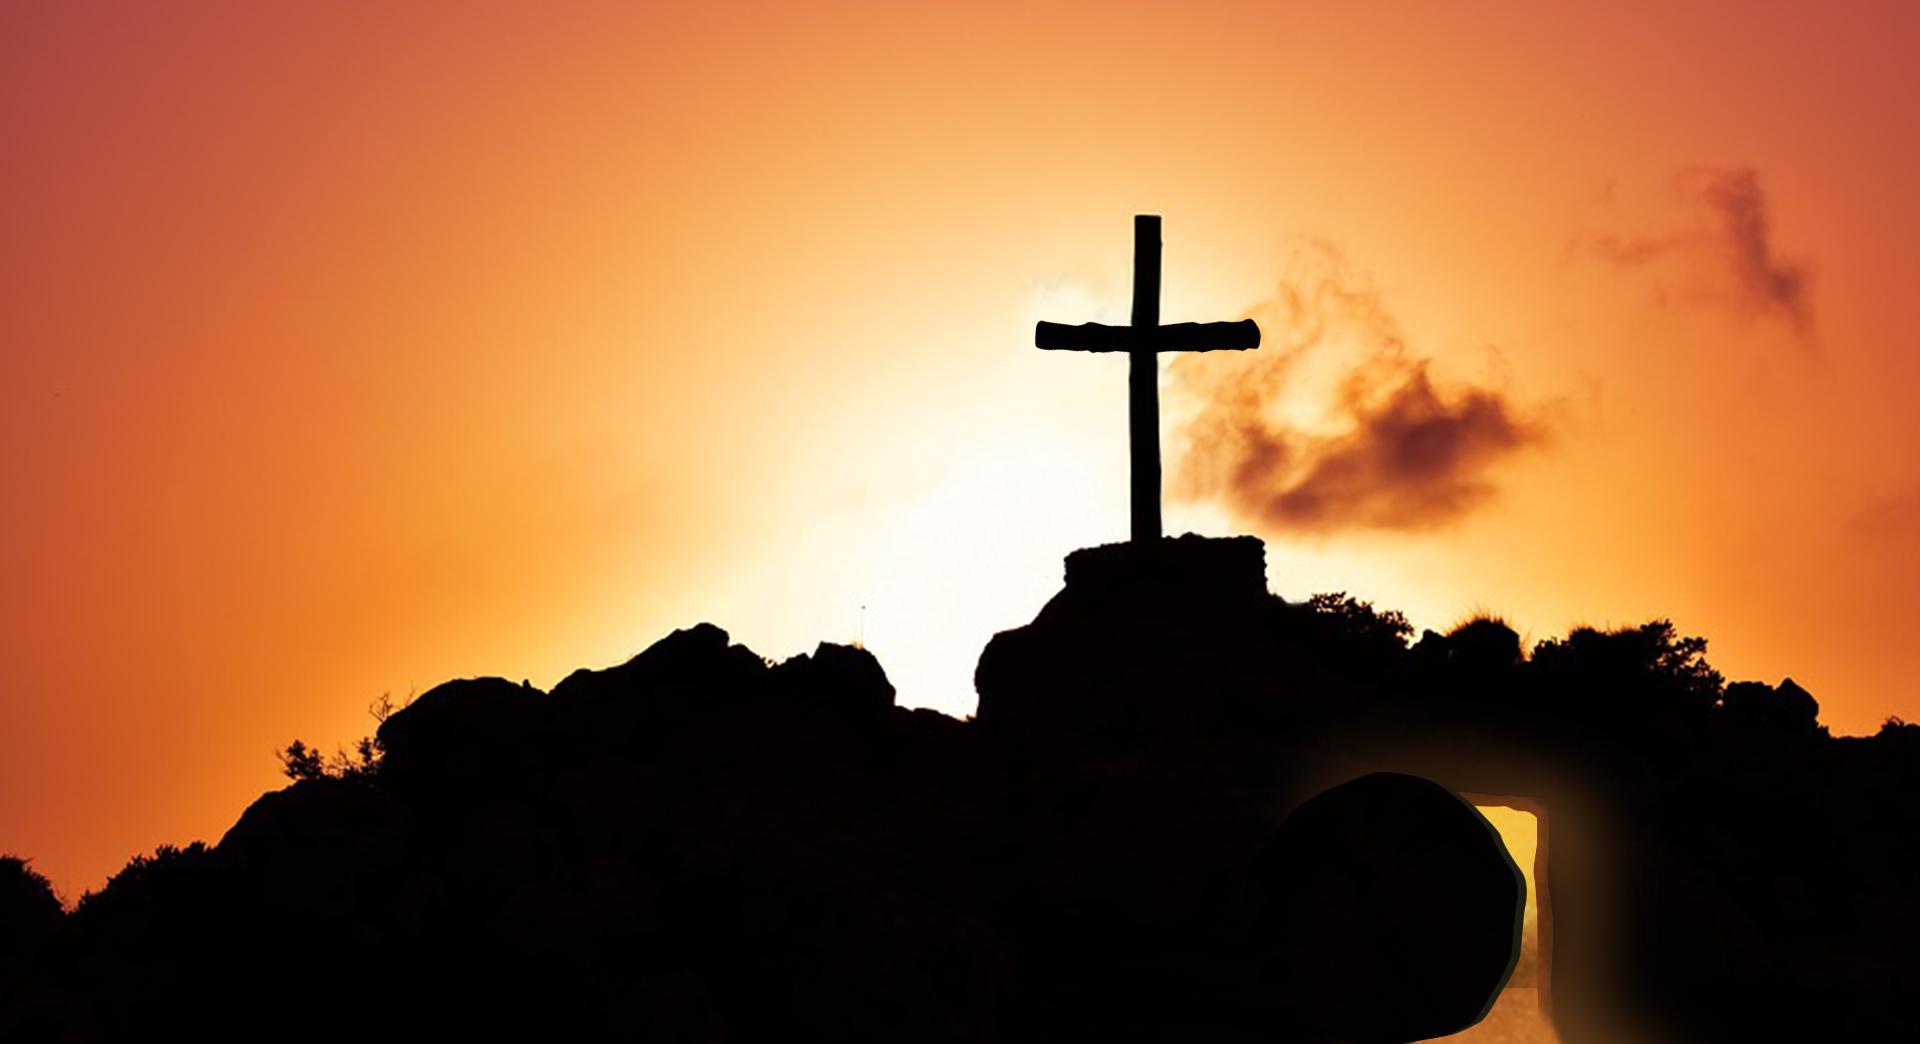 Ressurreição, nossa gloriosa esperança